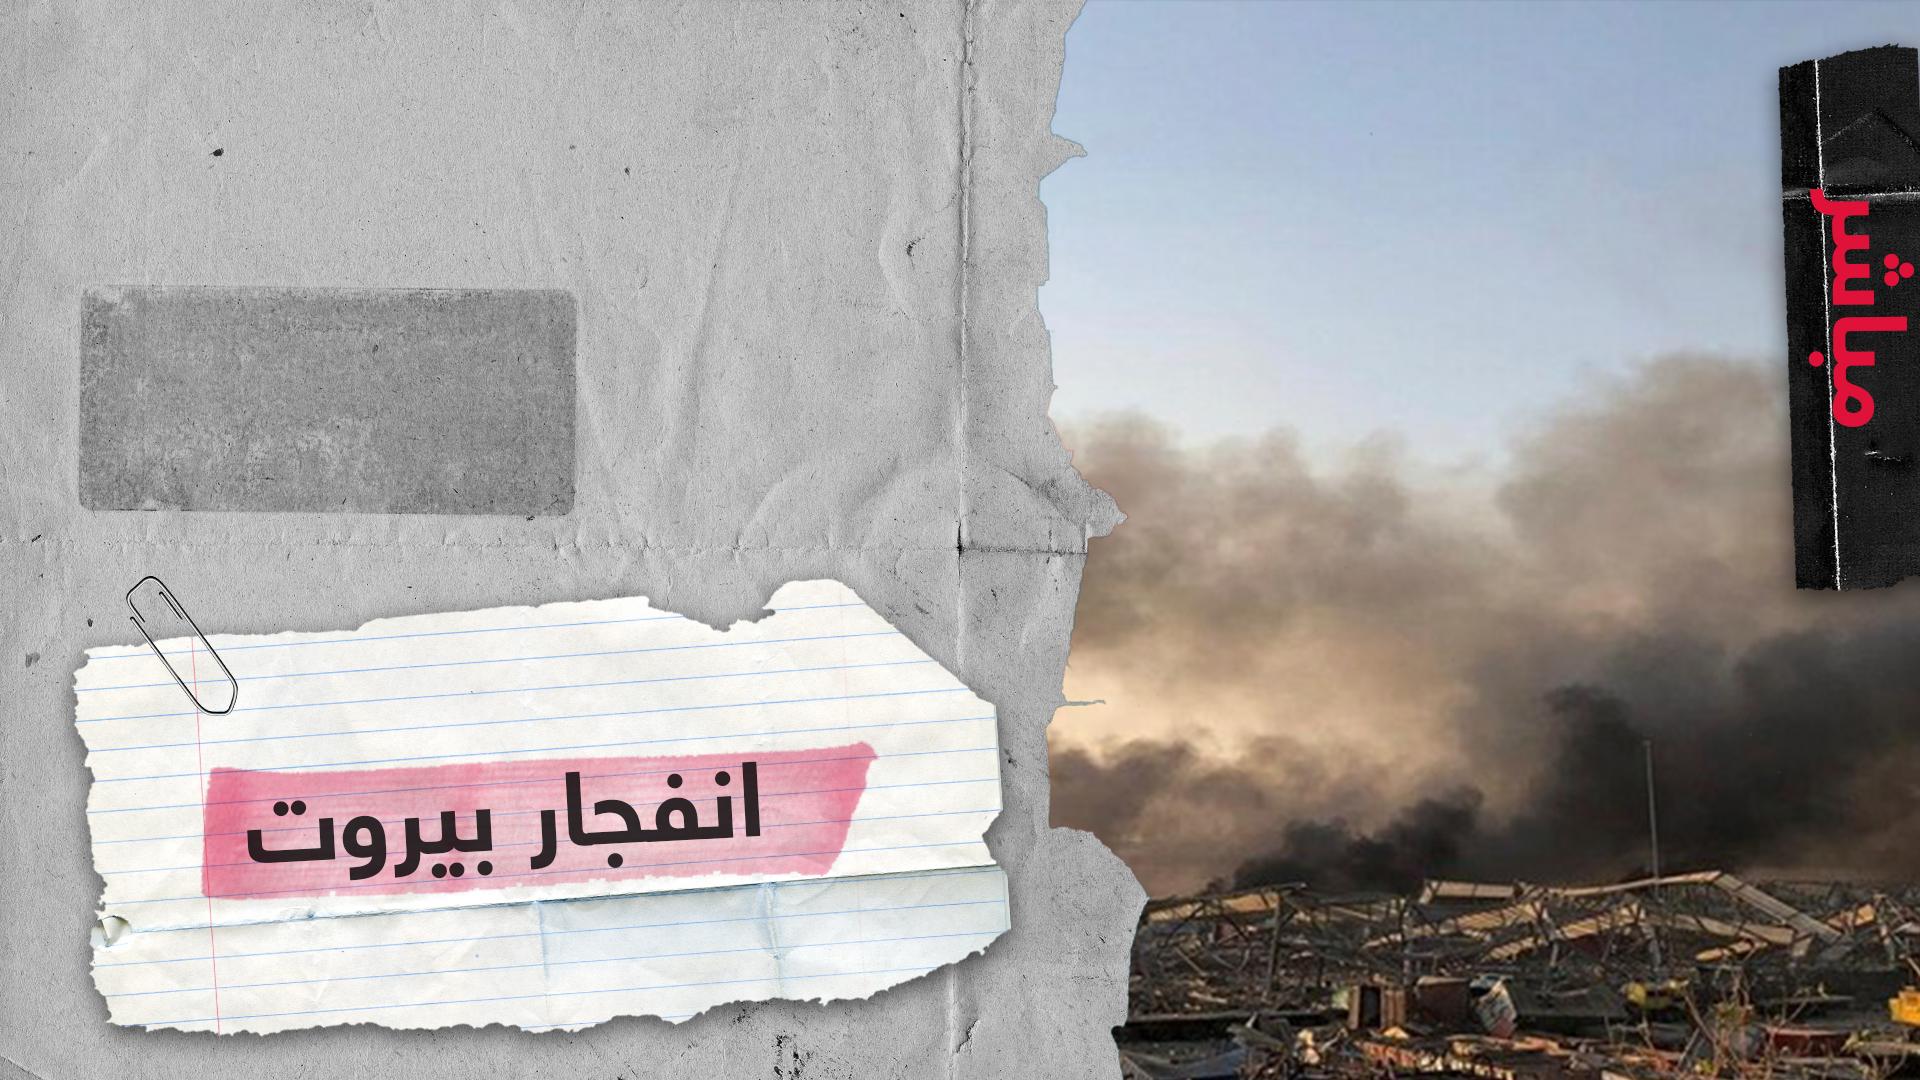 انفجار ضخم بمرفأ بيروت وحداد غدا على أرواح الضحايا